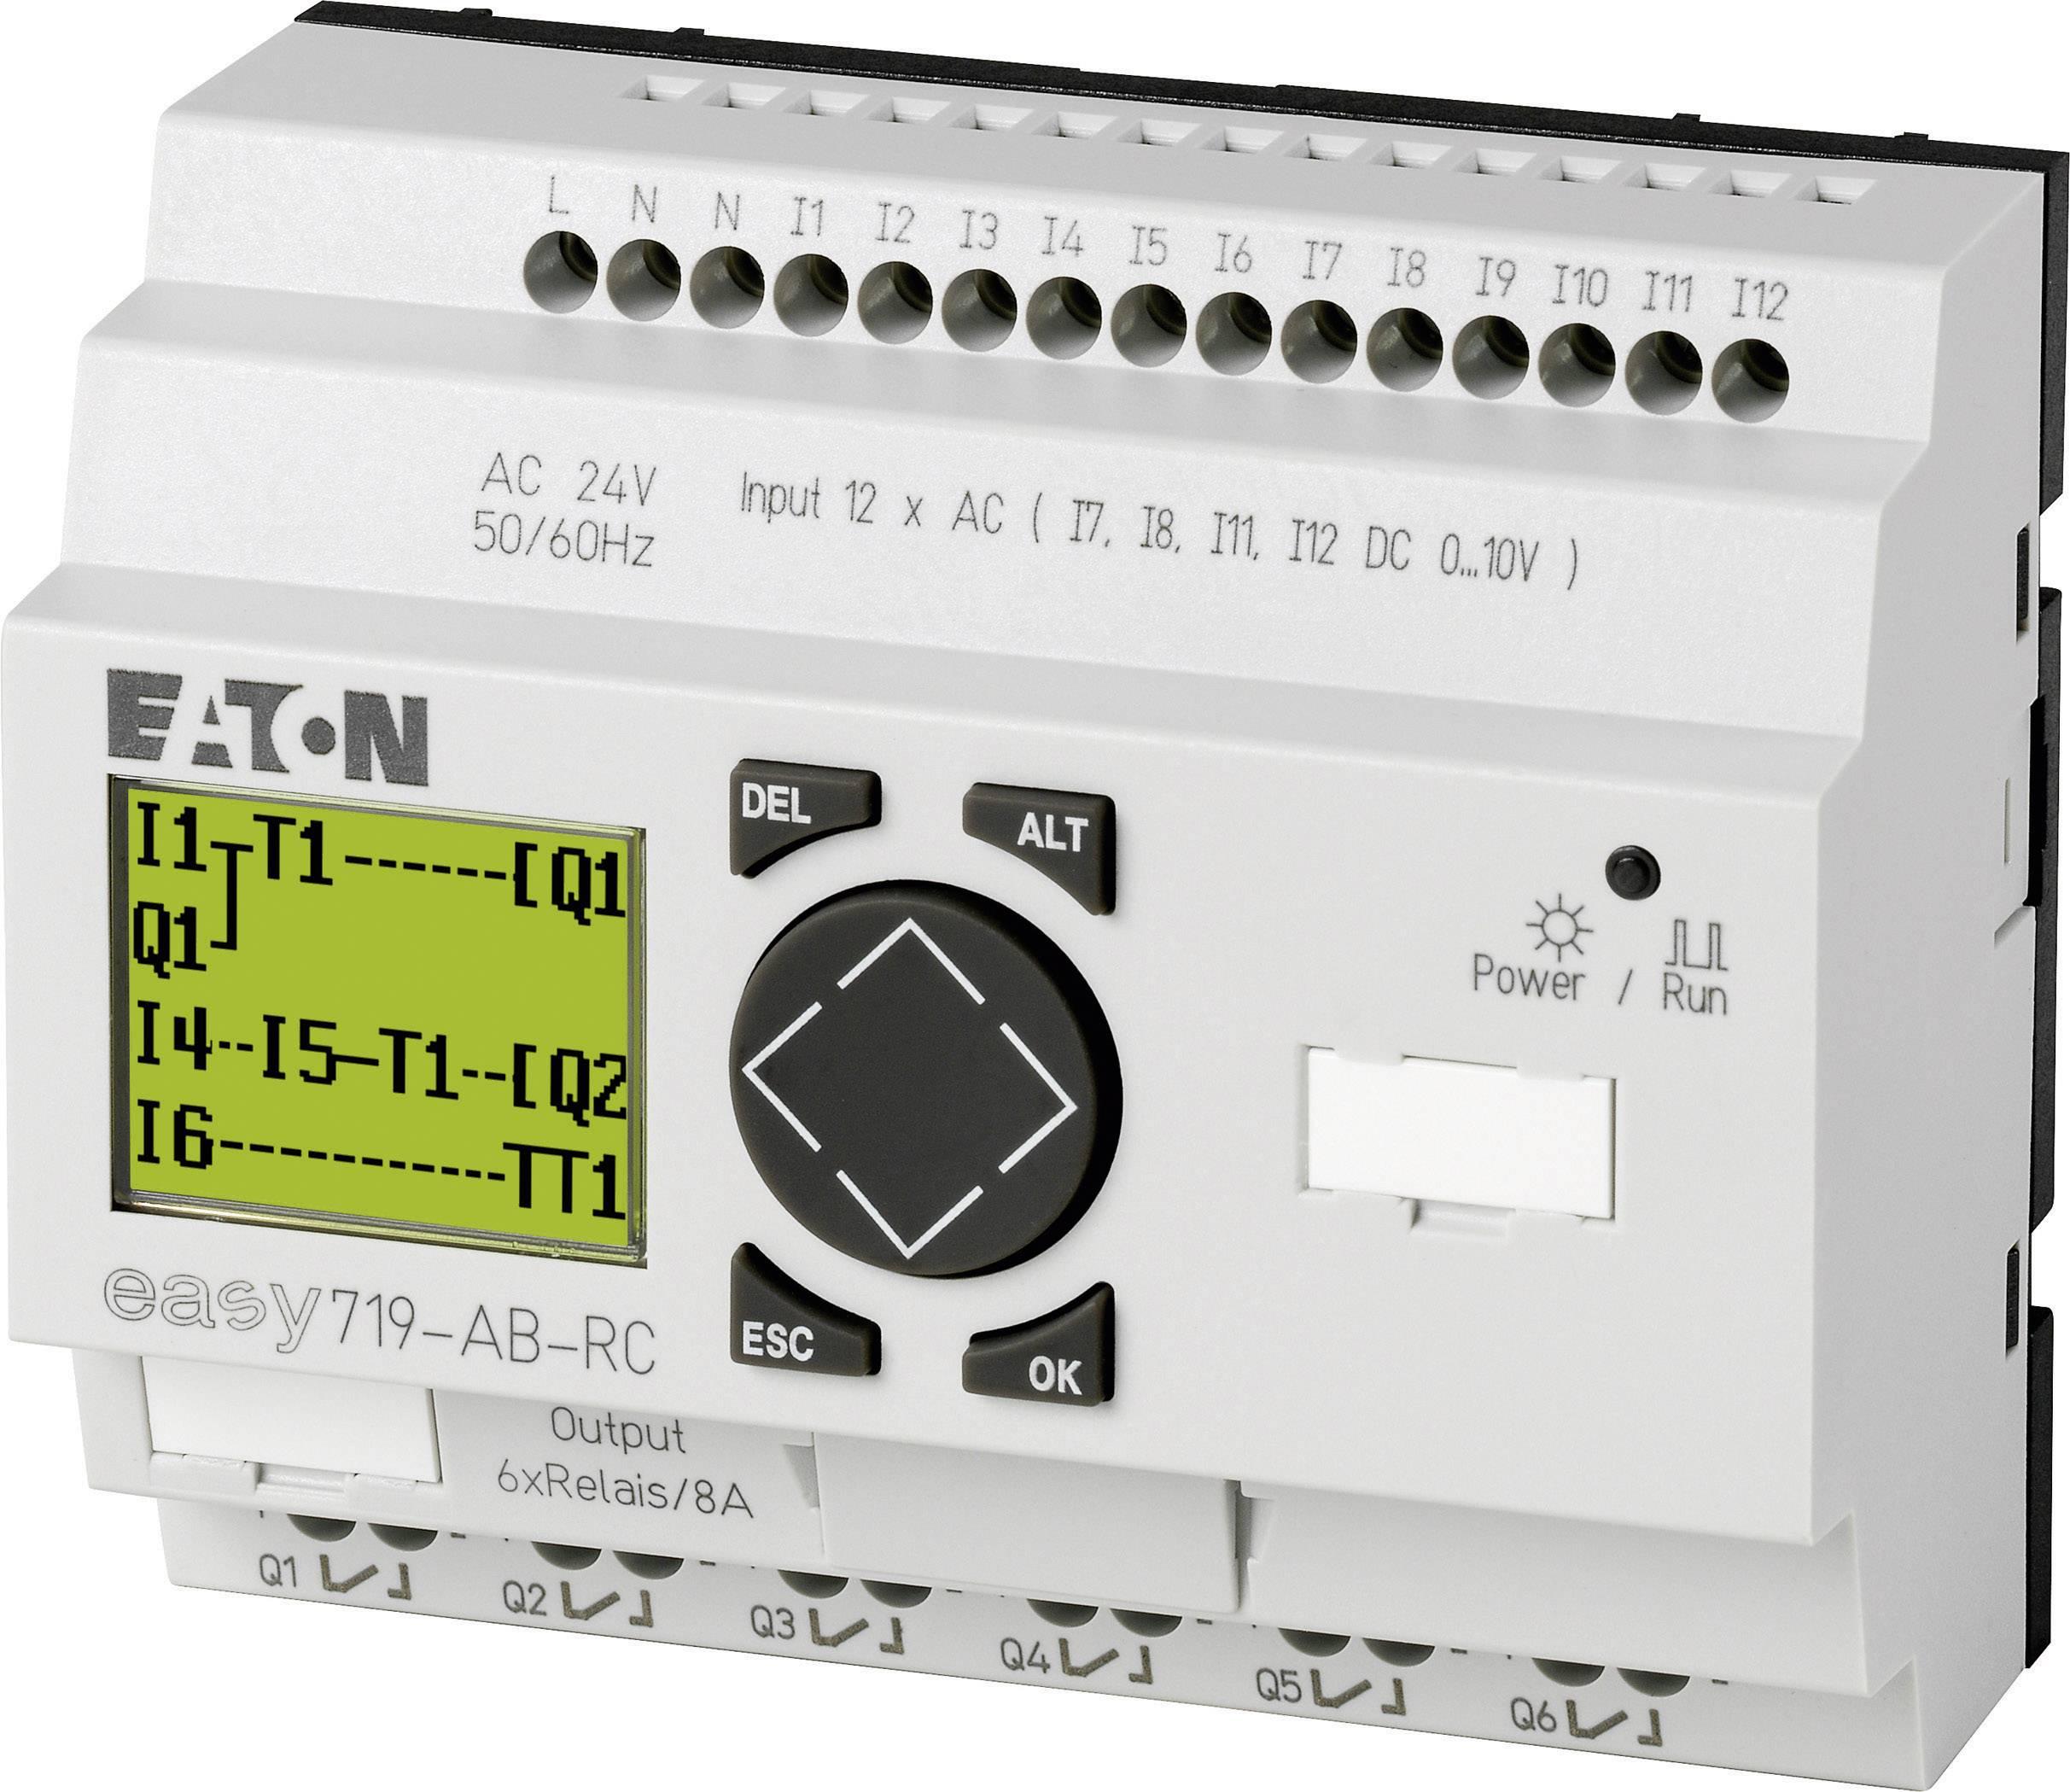 Riadiacimodul Eaton easy 719-AB-RC 274113, 24 V/AC